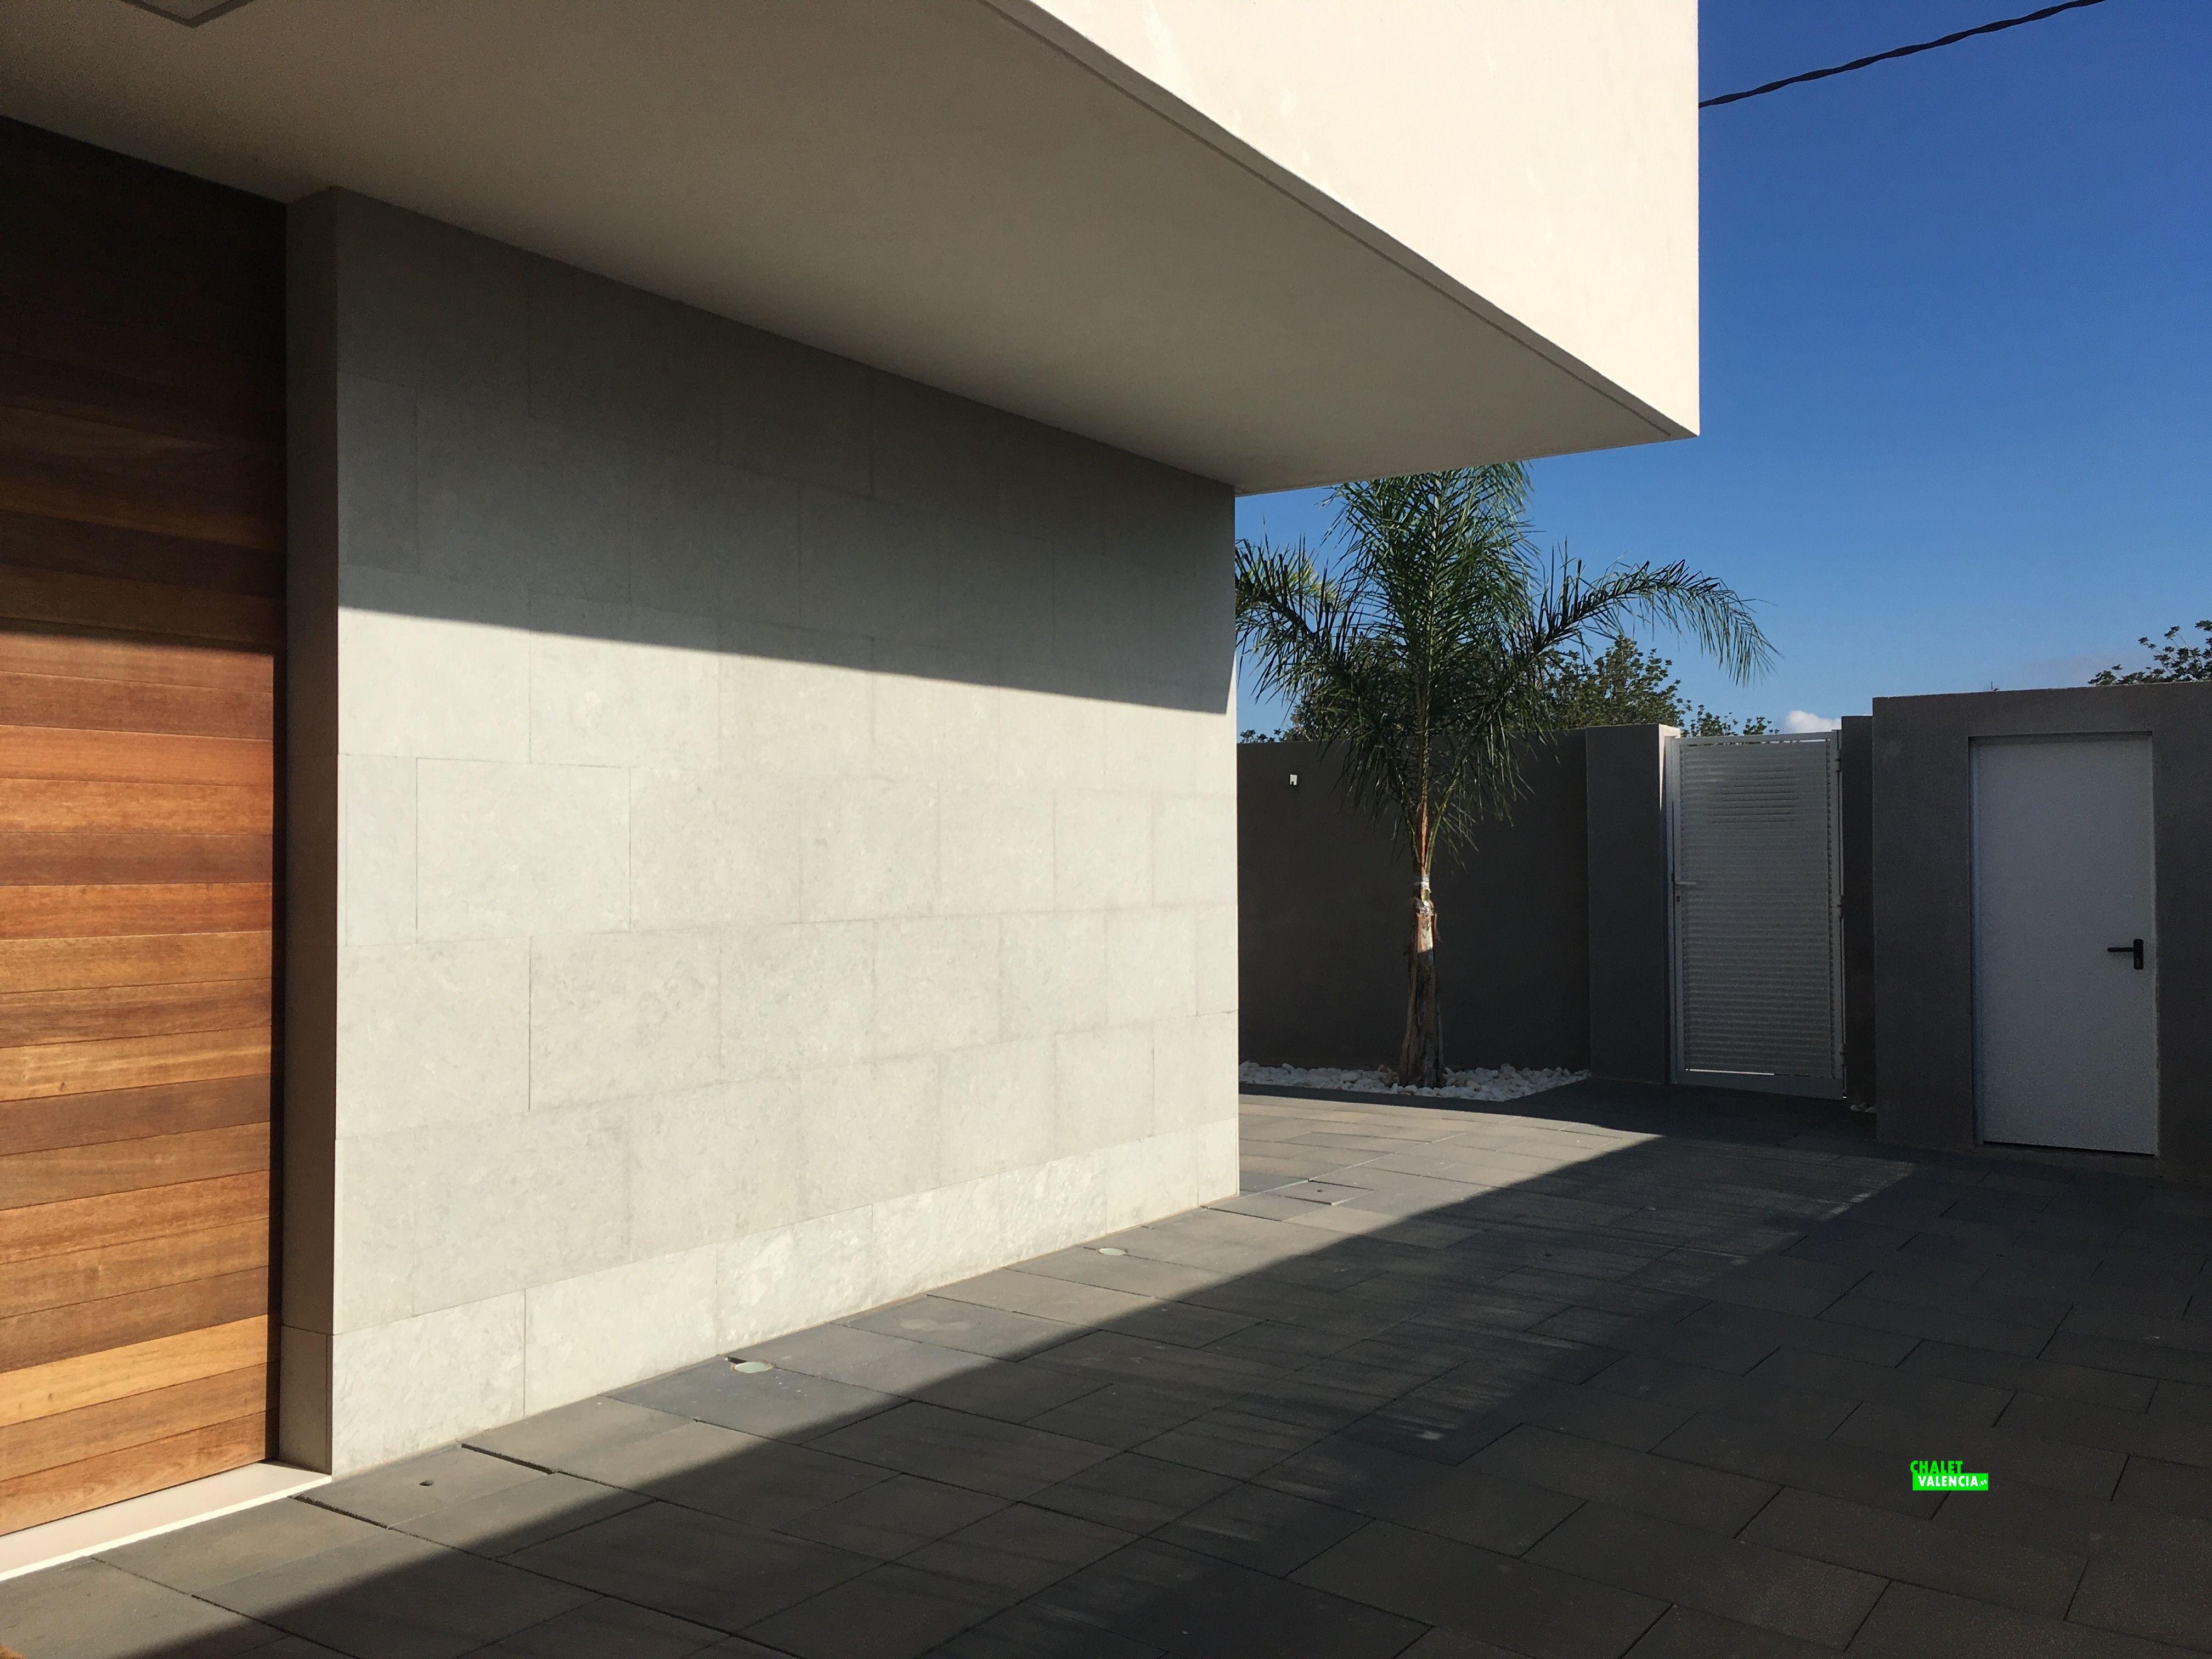 Puerta de entrada a la casa en lateral Este